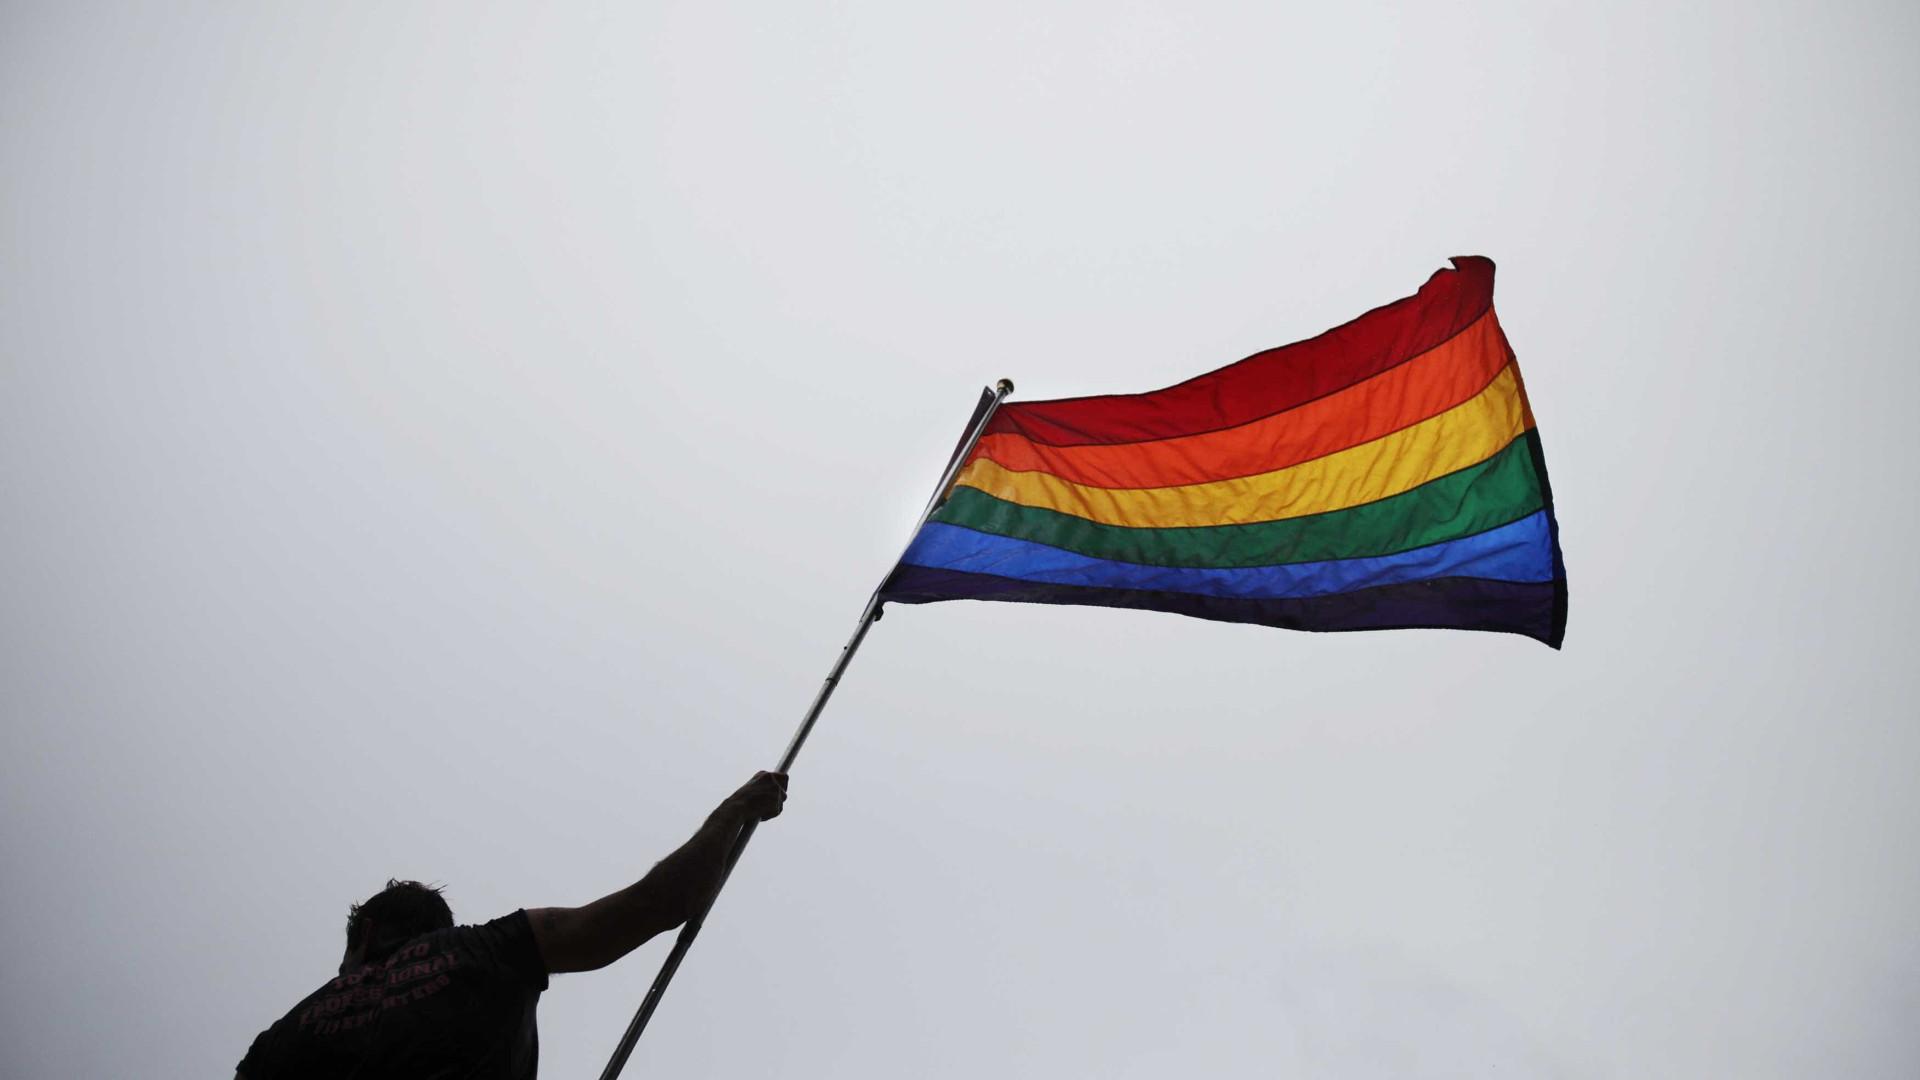 Manifestantes pedem ação contra perseguição a 'gays' na Chechénia